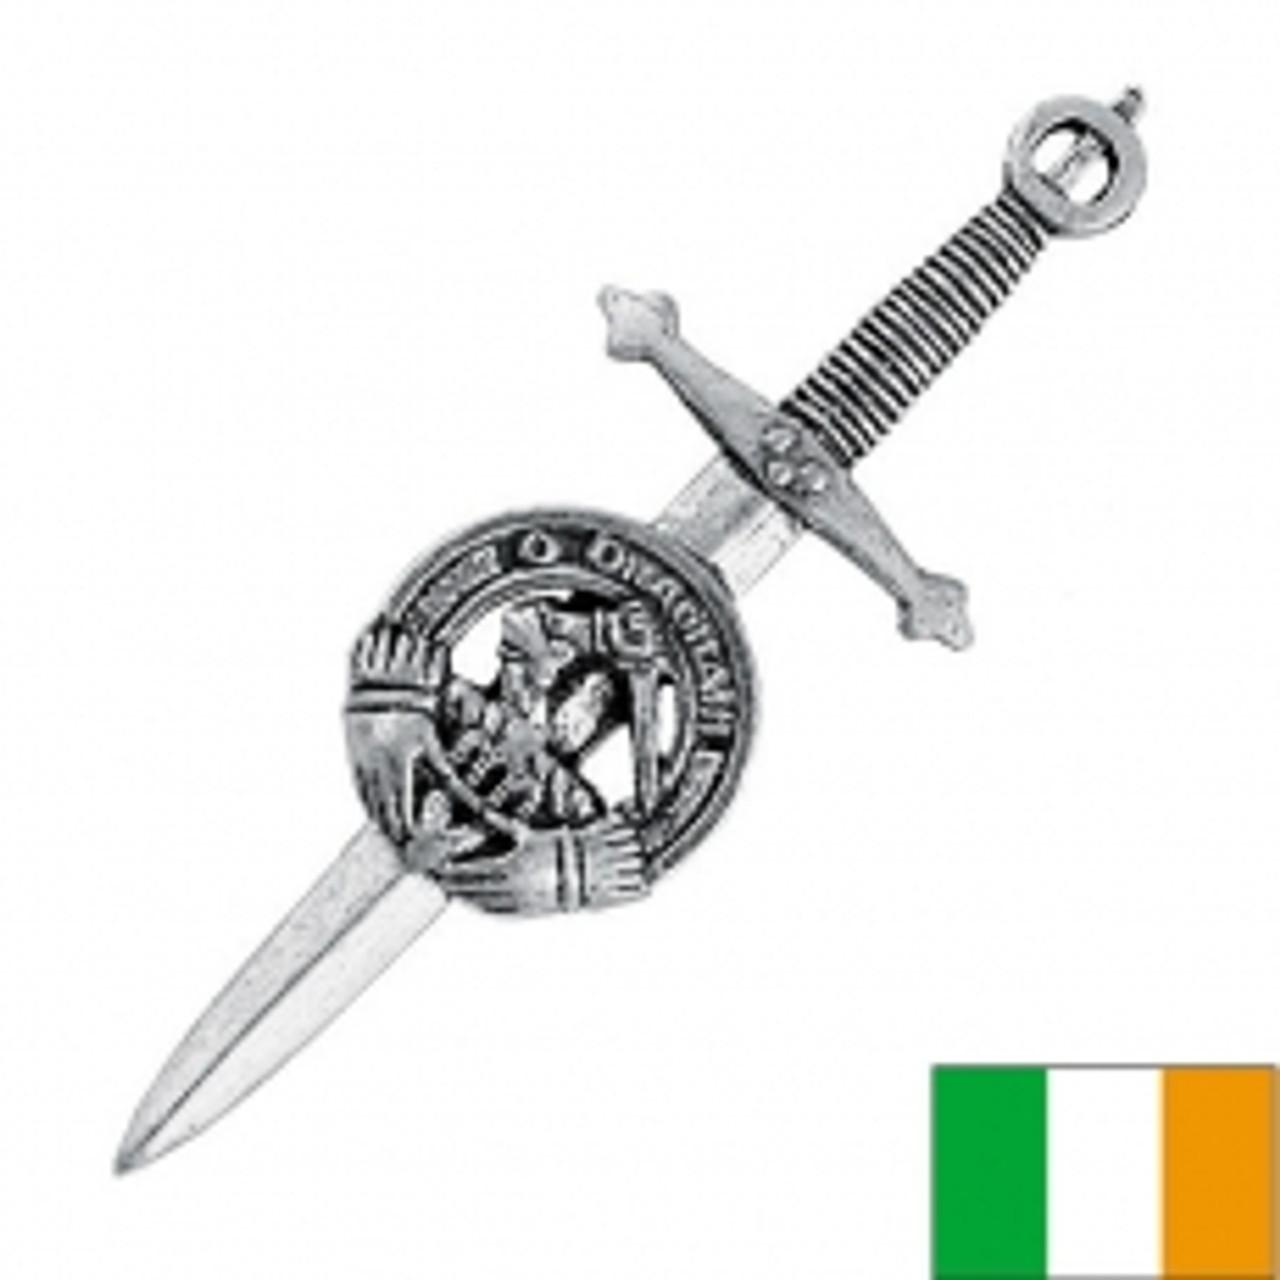 USA Kilts Caroll Irish Clan Crest Kilt Pin Made in Scotland